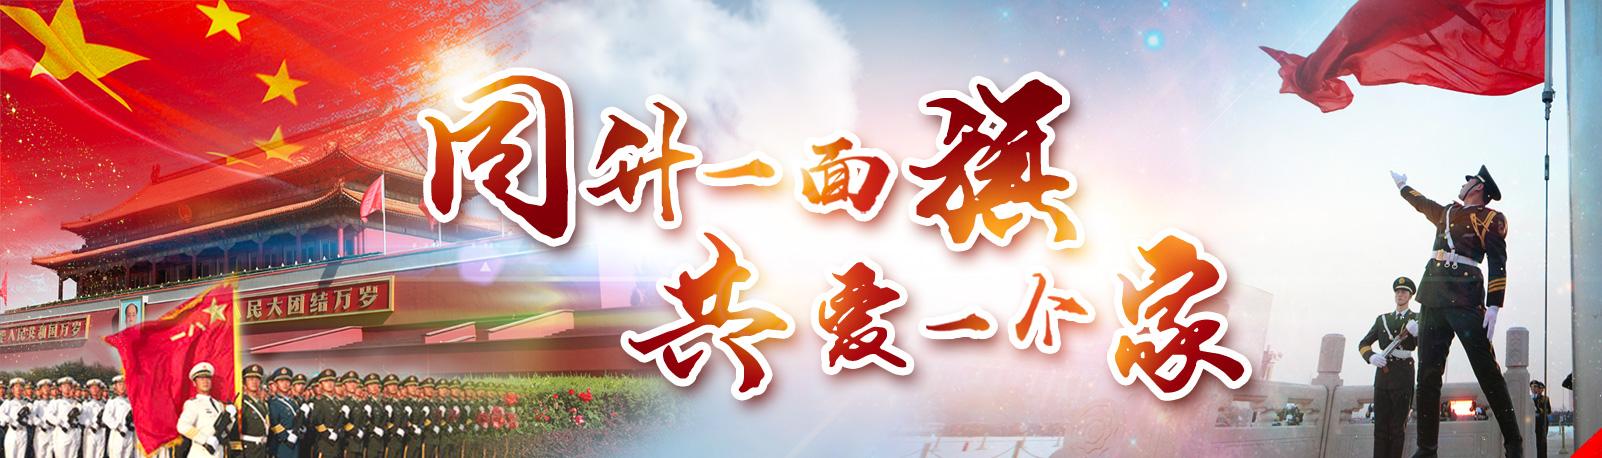 同升一面旗 共爱一个家——中国军视网2018年国庆网络直播